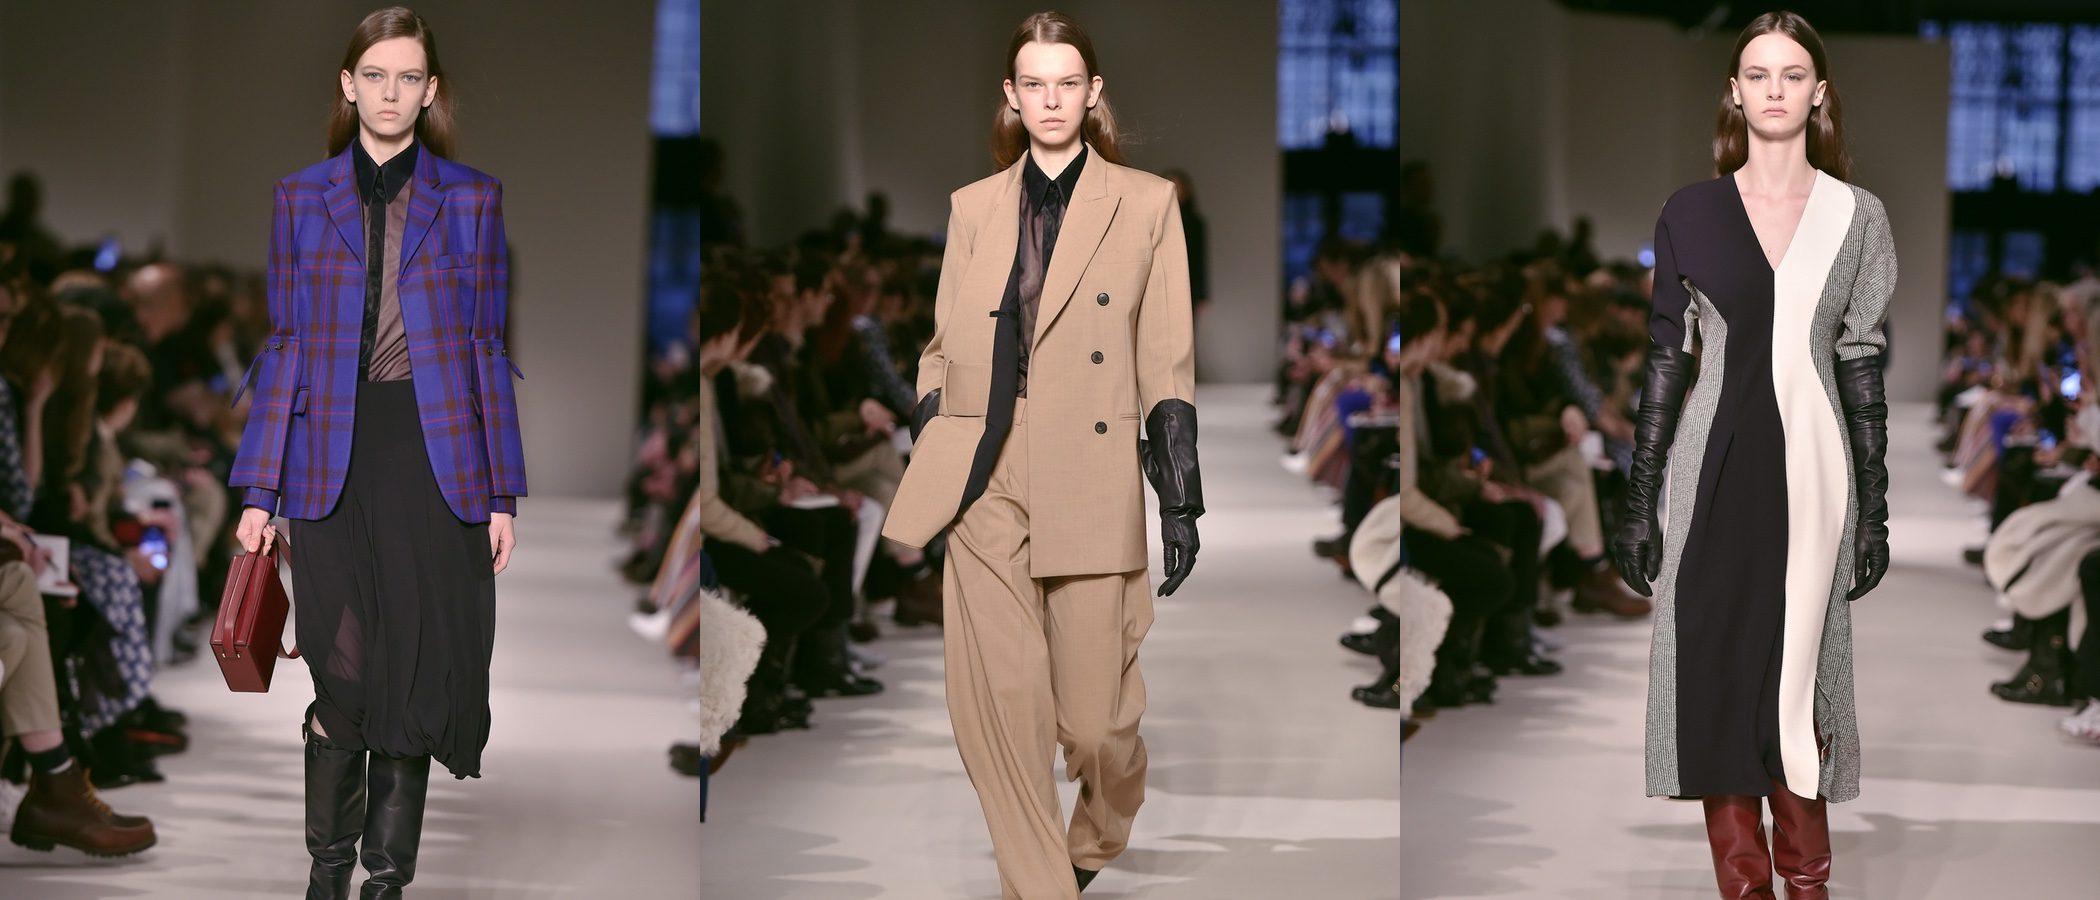 Victoria Beckham apuesta por el estilo masculino y minimal en la New York Fashion Week